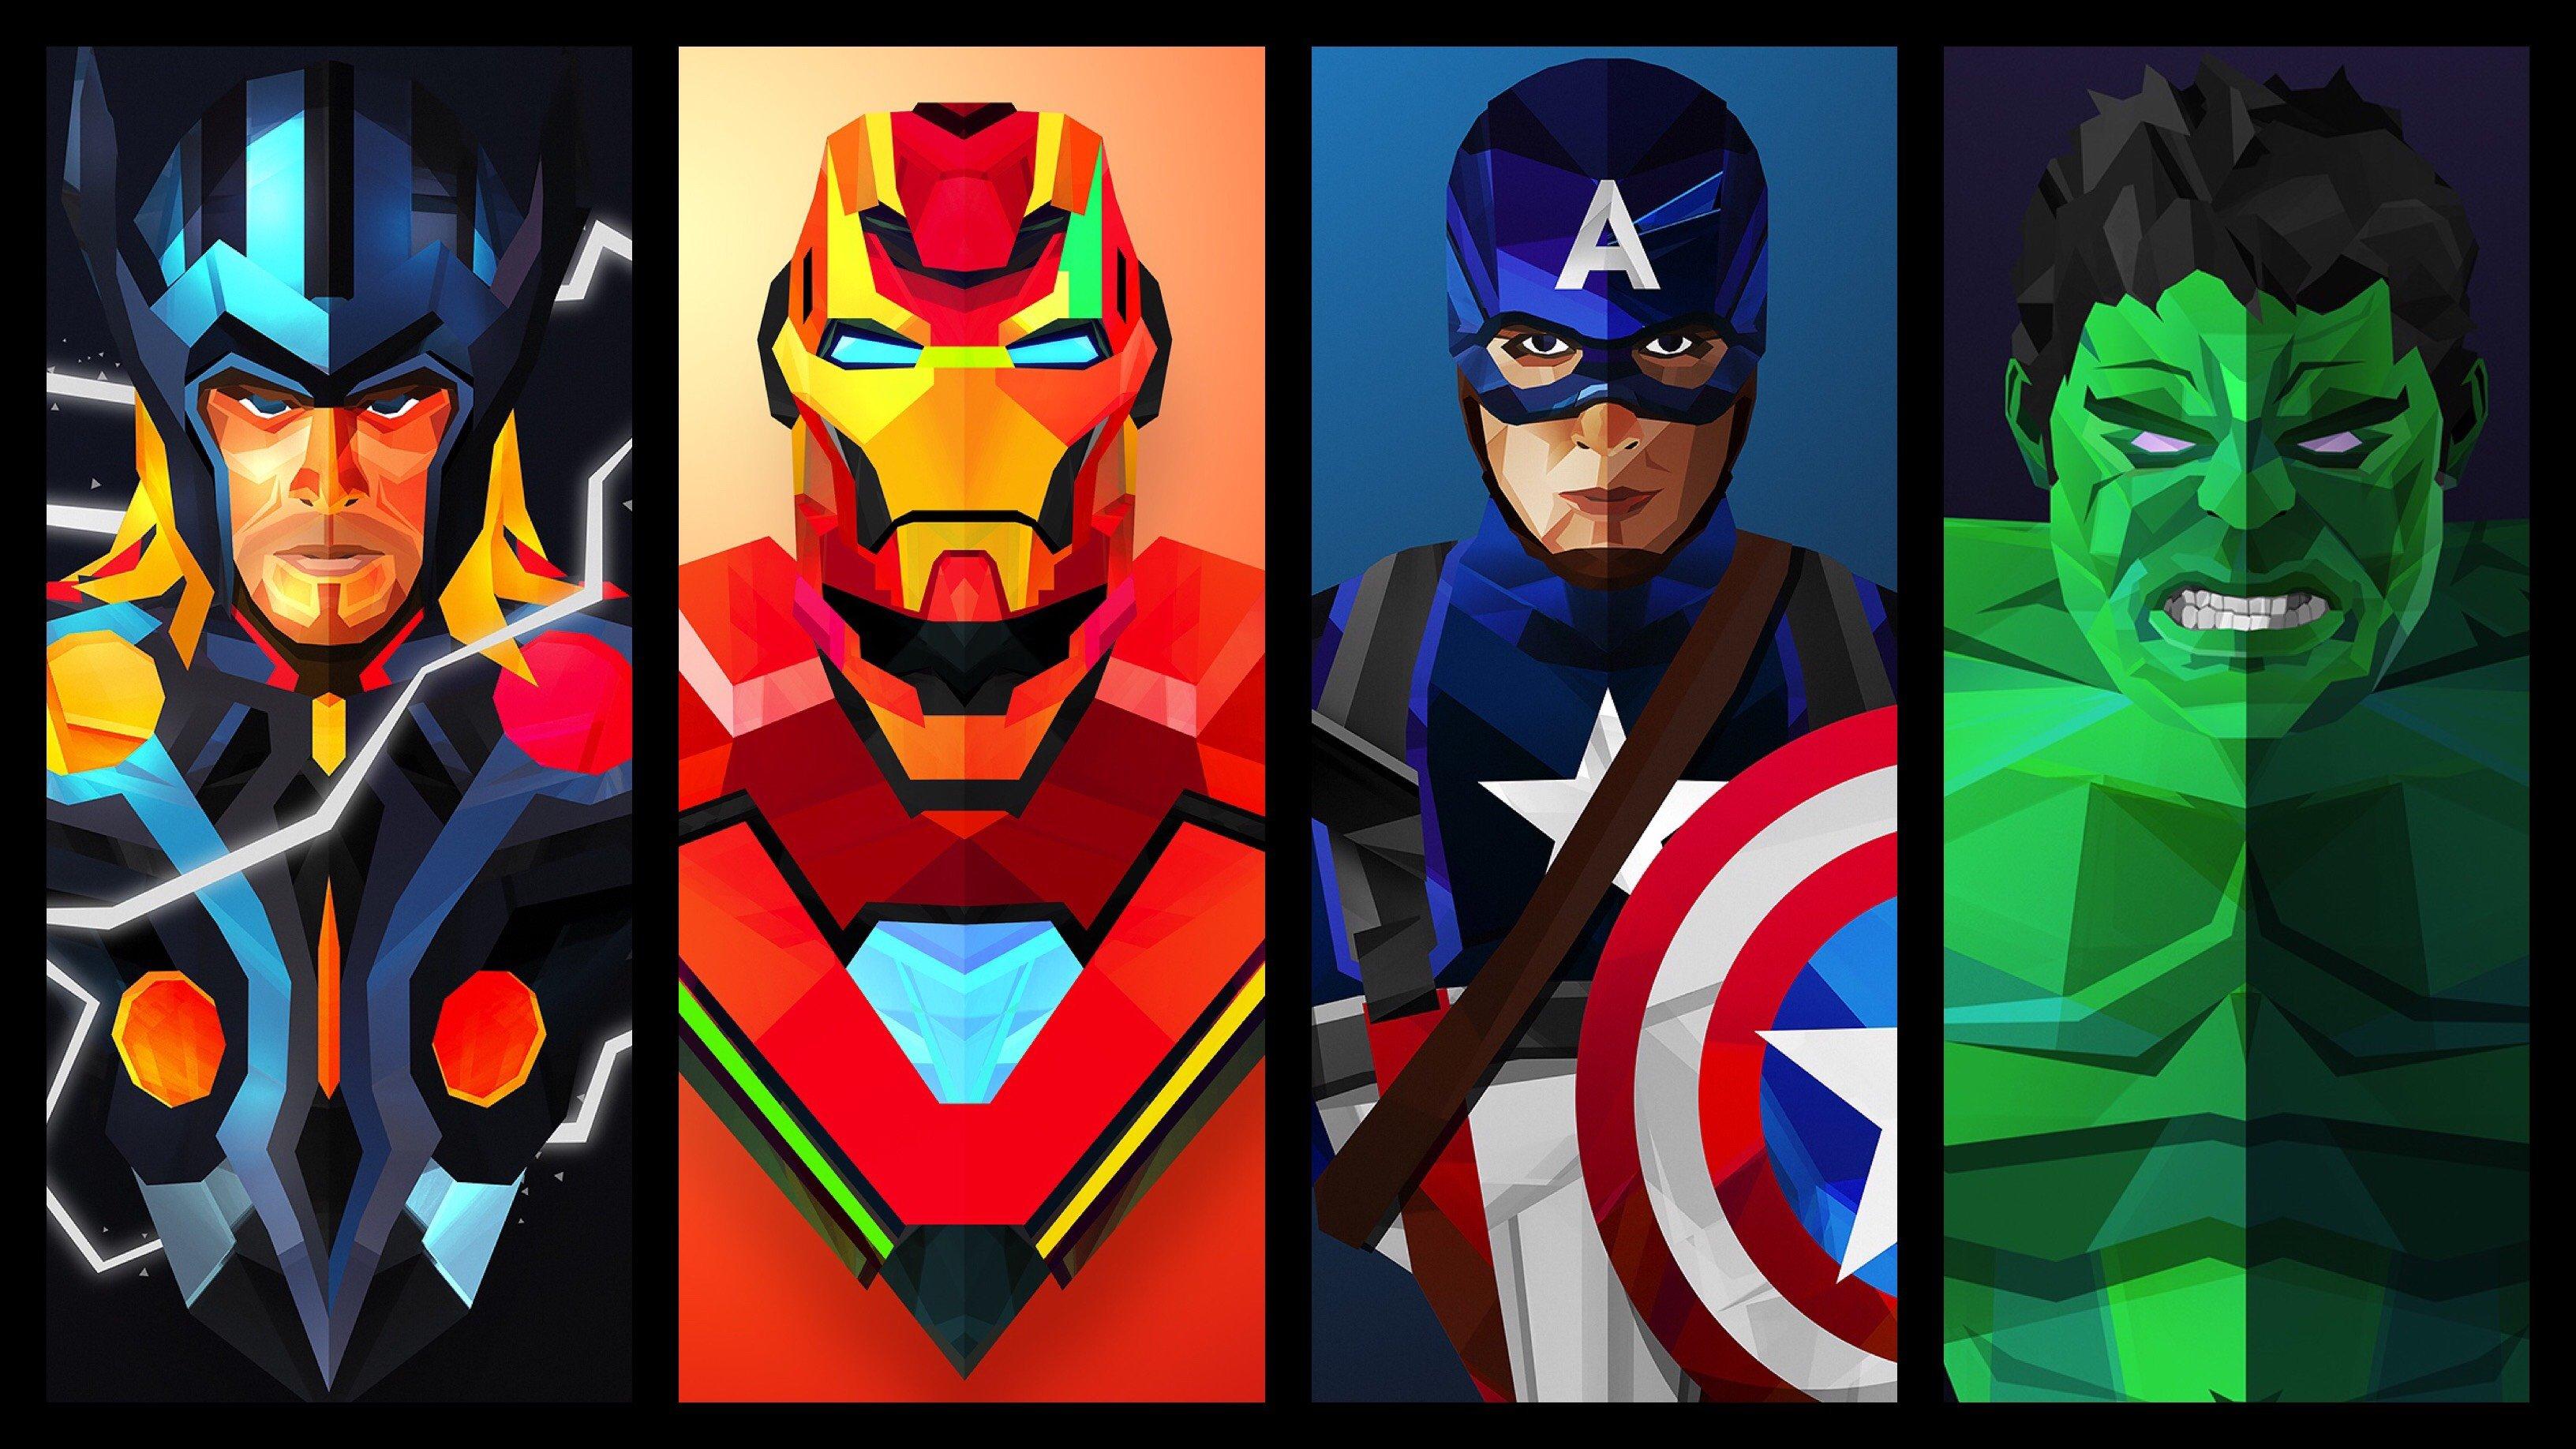 Avengers Wallpaper Animated